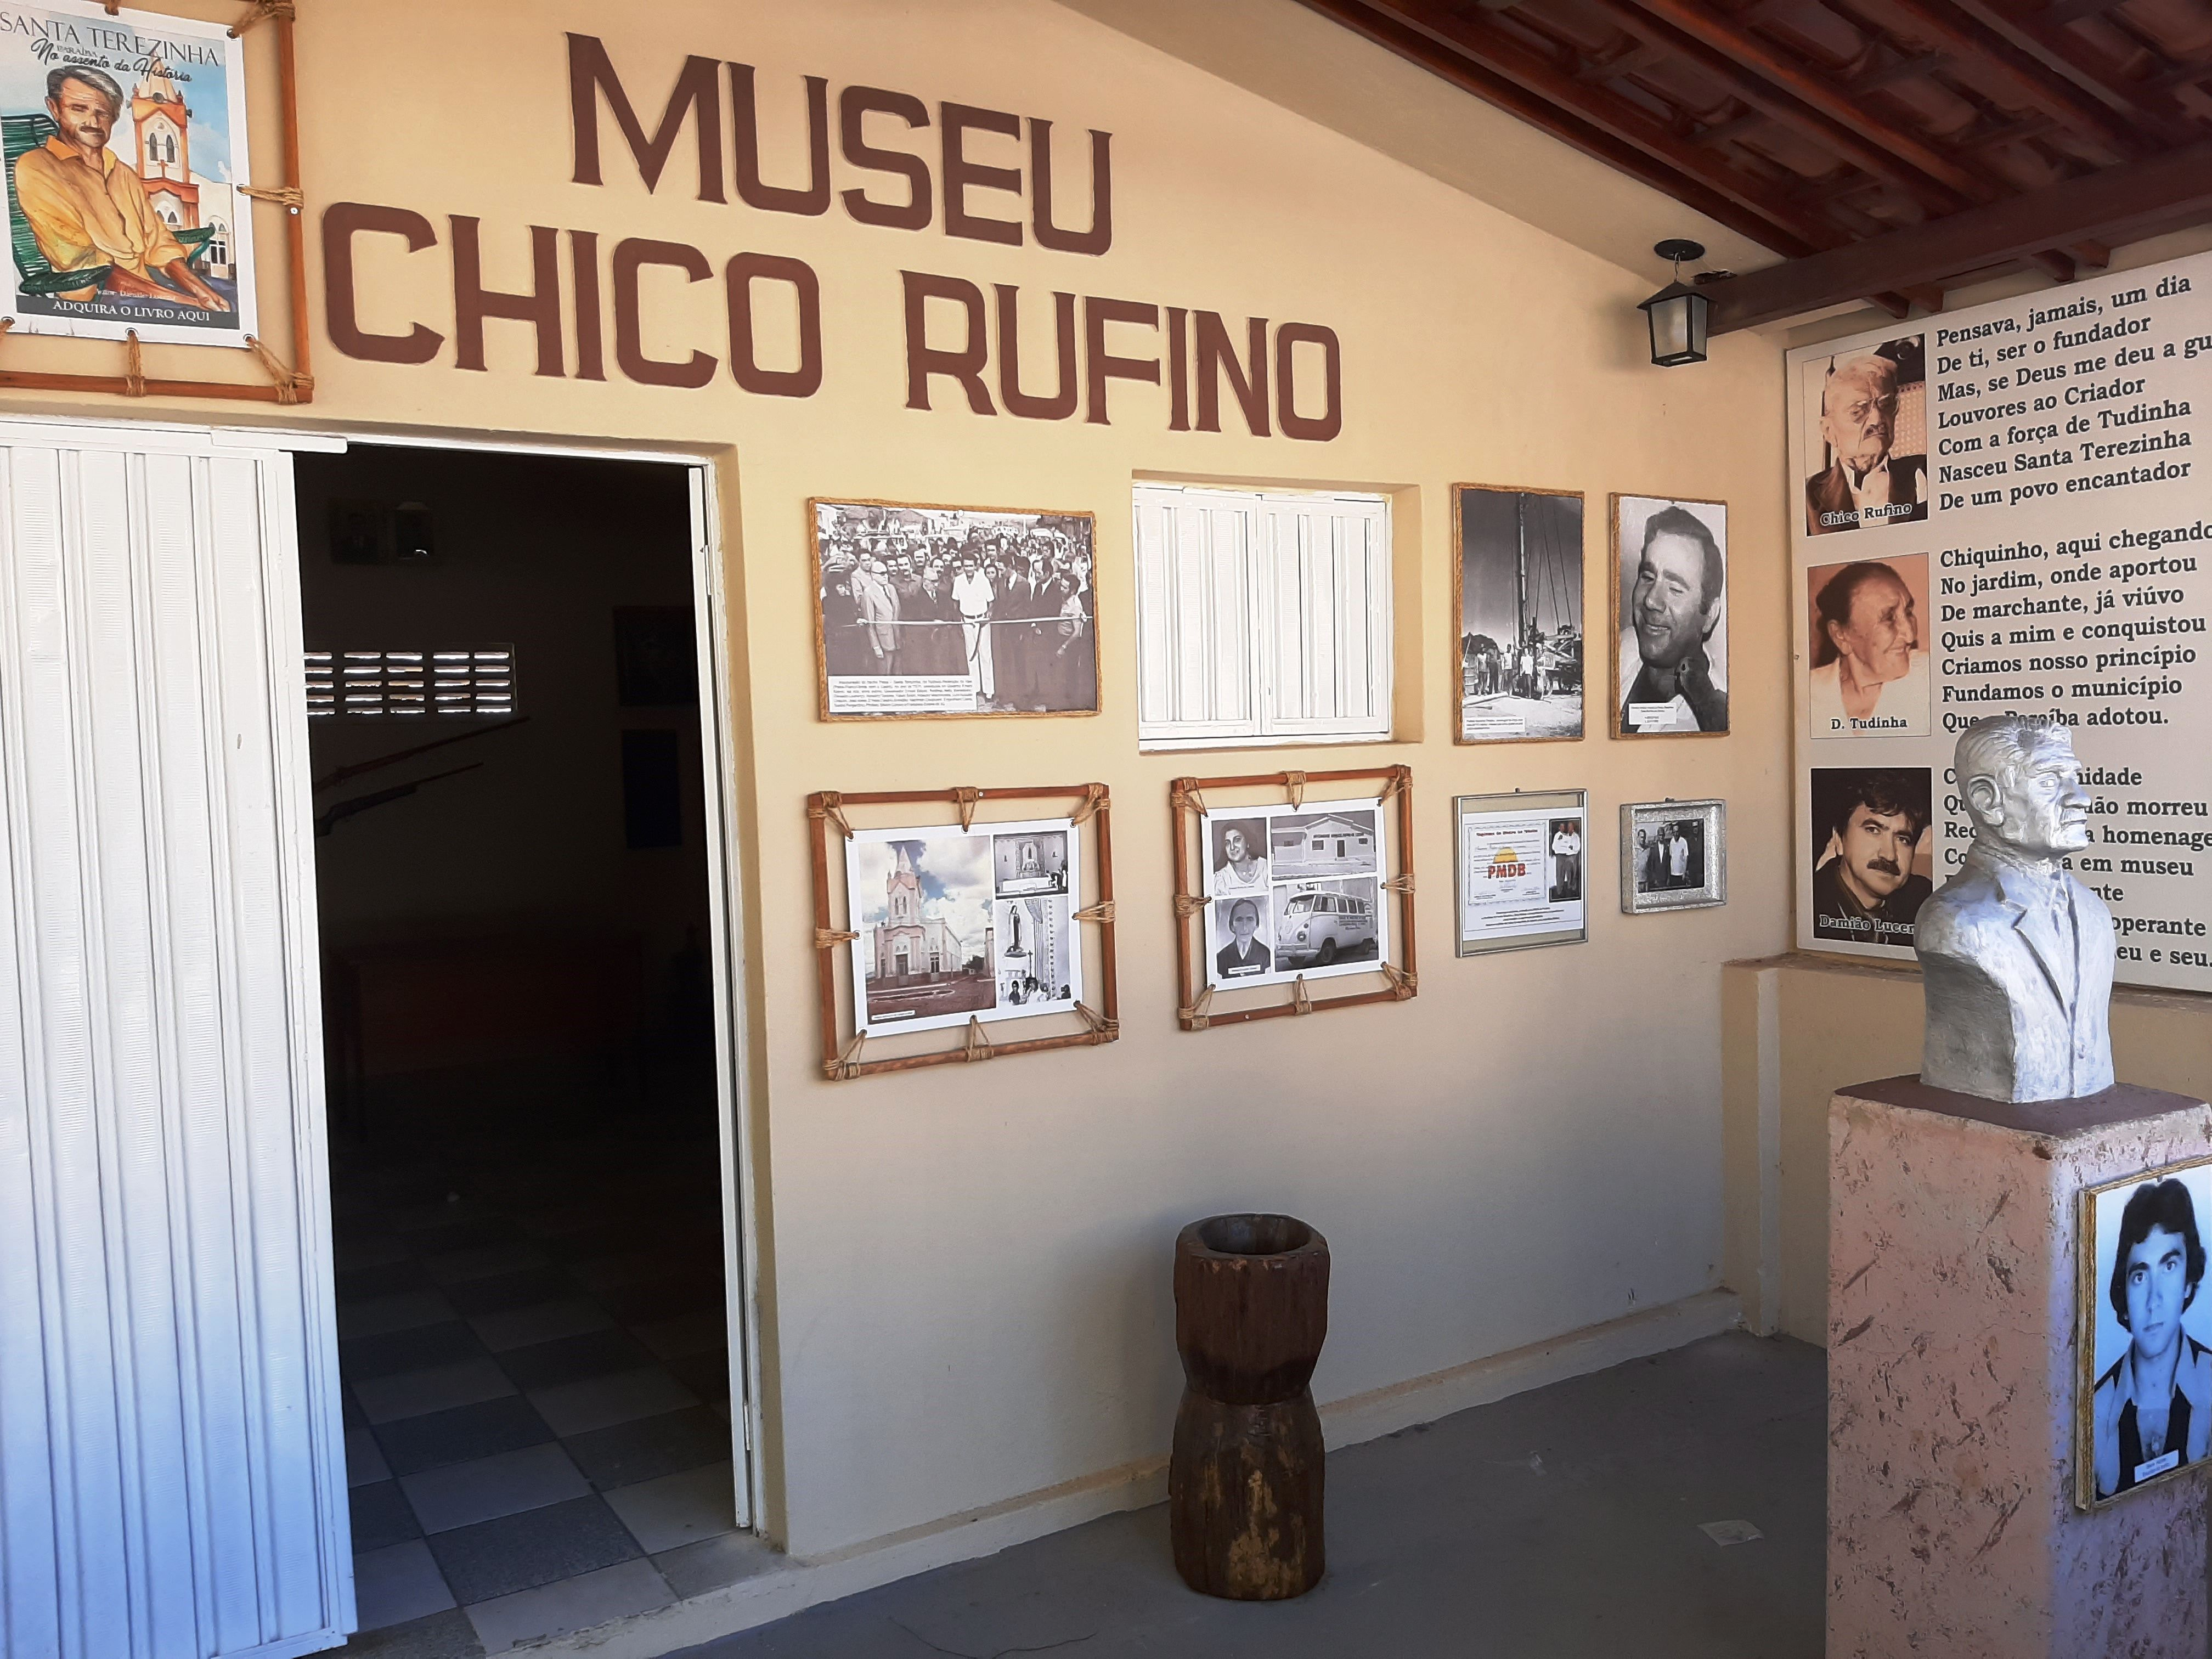 Prefeitura de Santa Terezinha faz parceria com historiador e Museu Chico Rufino